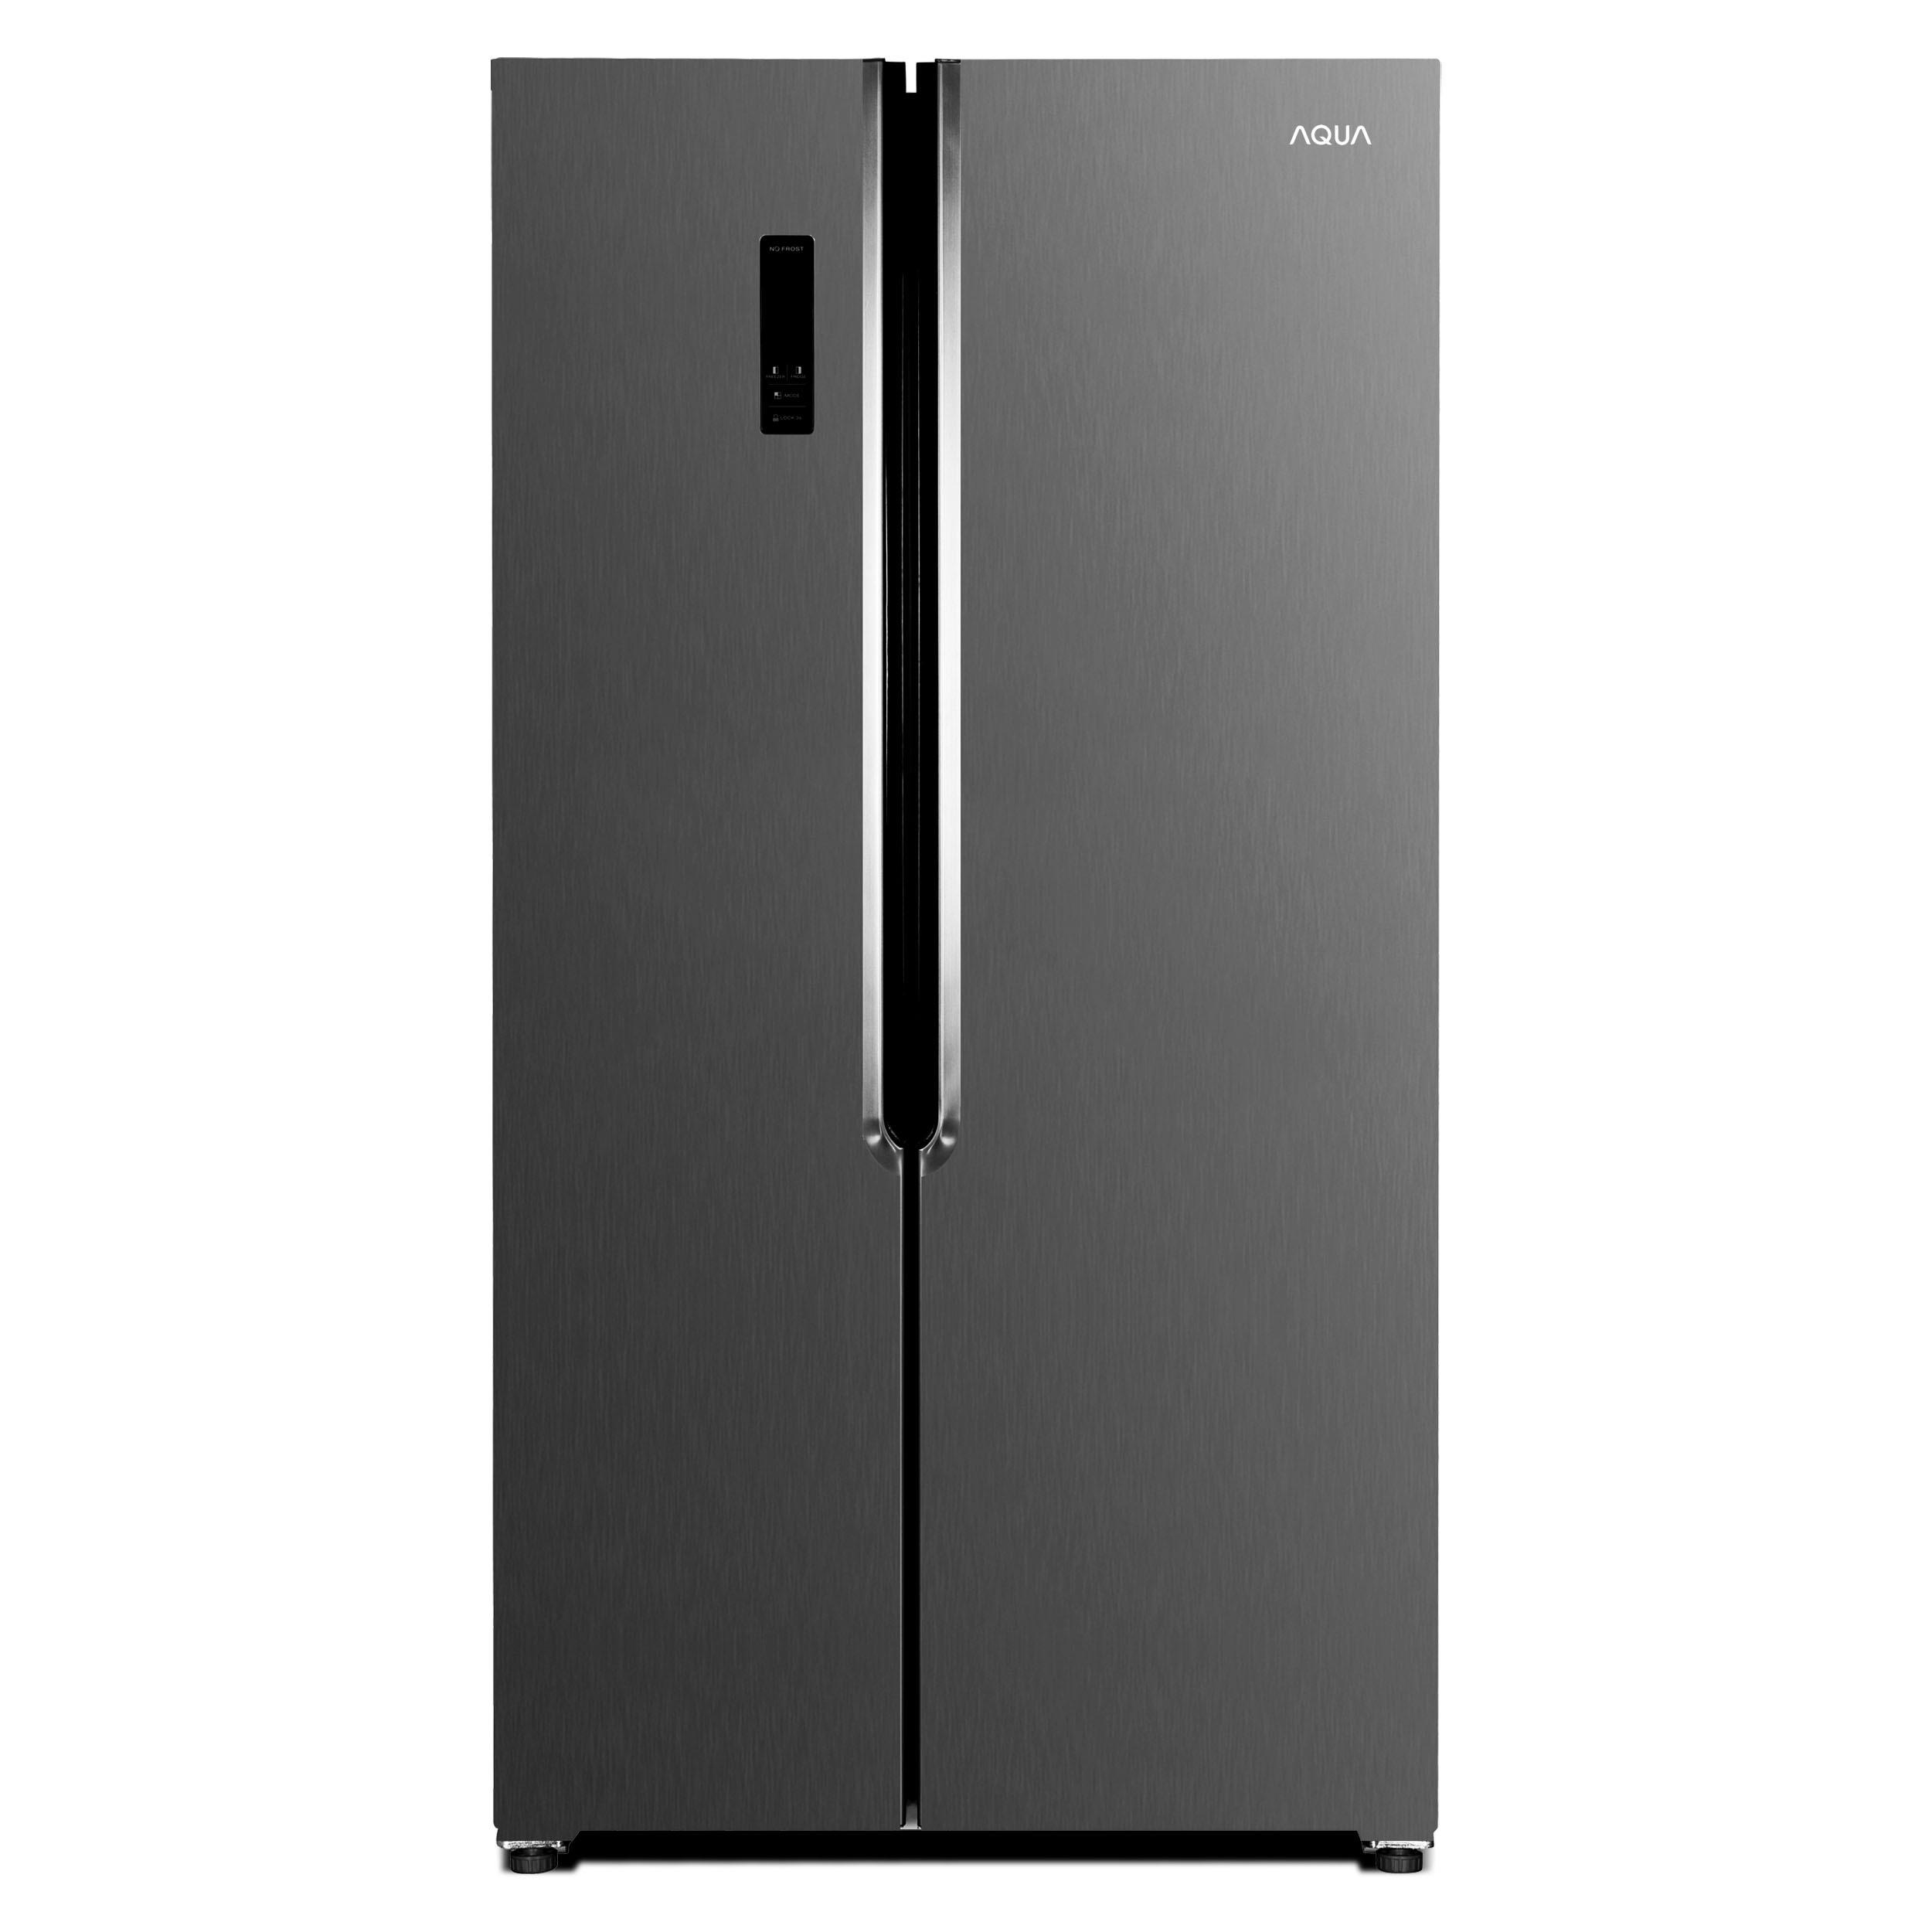 하이얼 아쿠아 세미빌트인 인테리어 양문형 냉장고 블랙 ARS472MNM 436L 방문설치